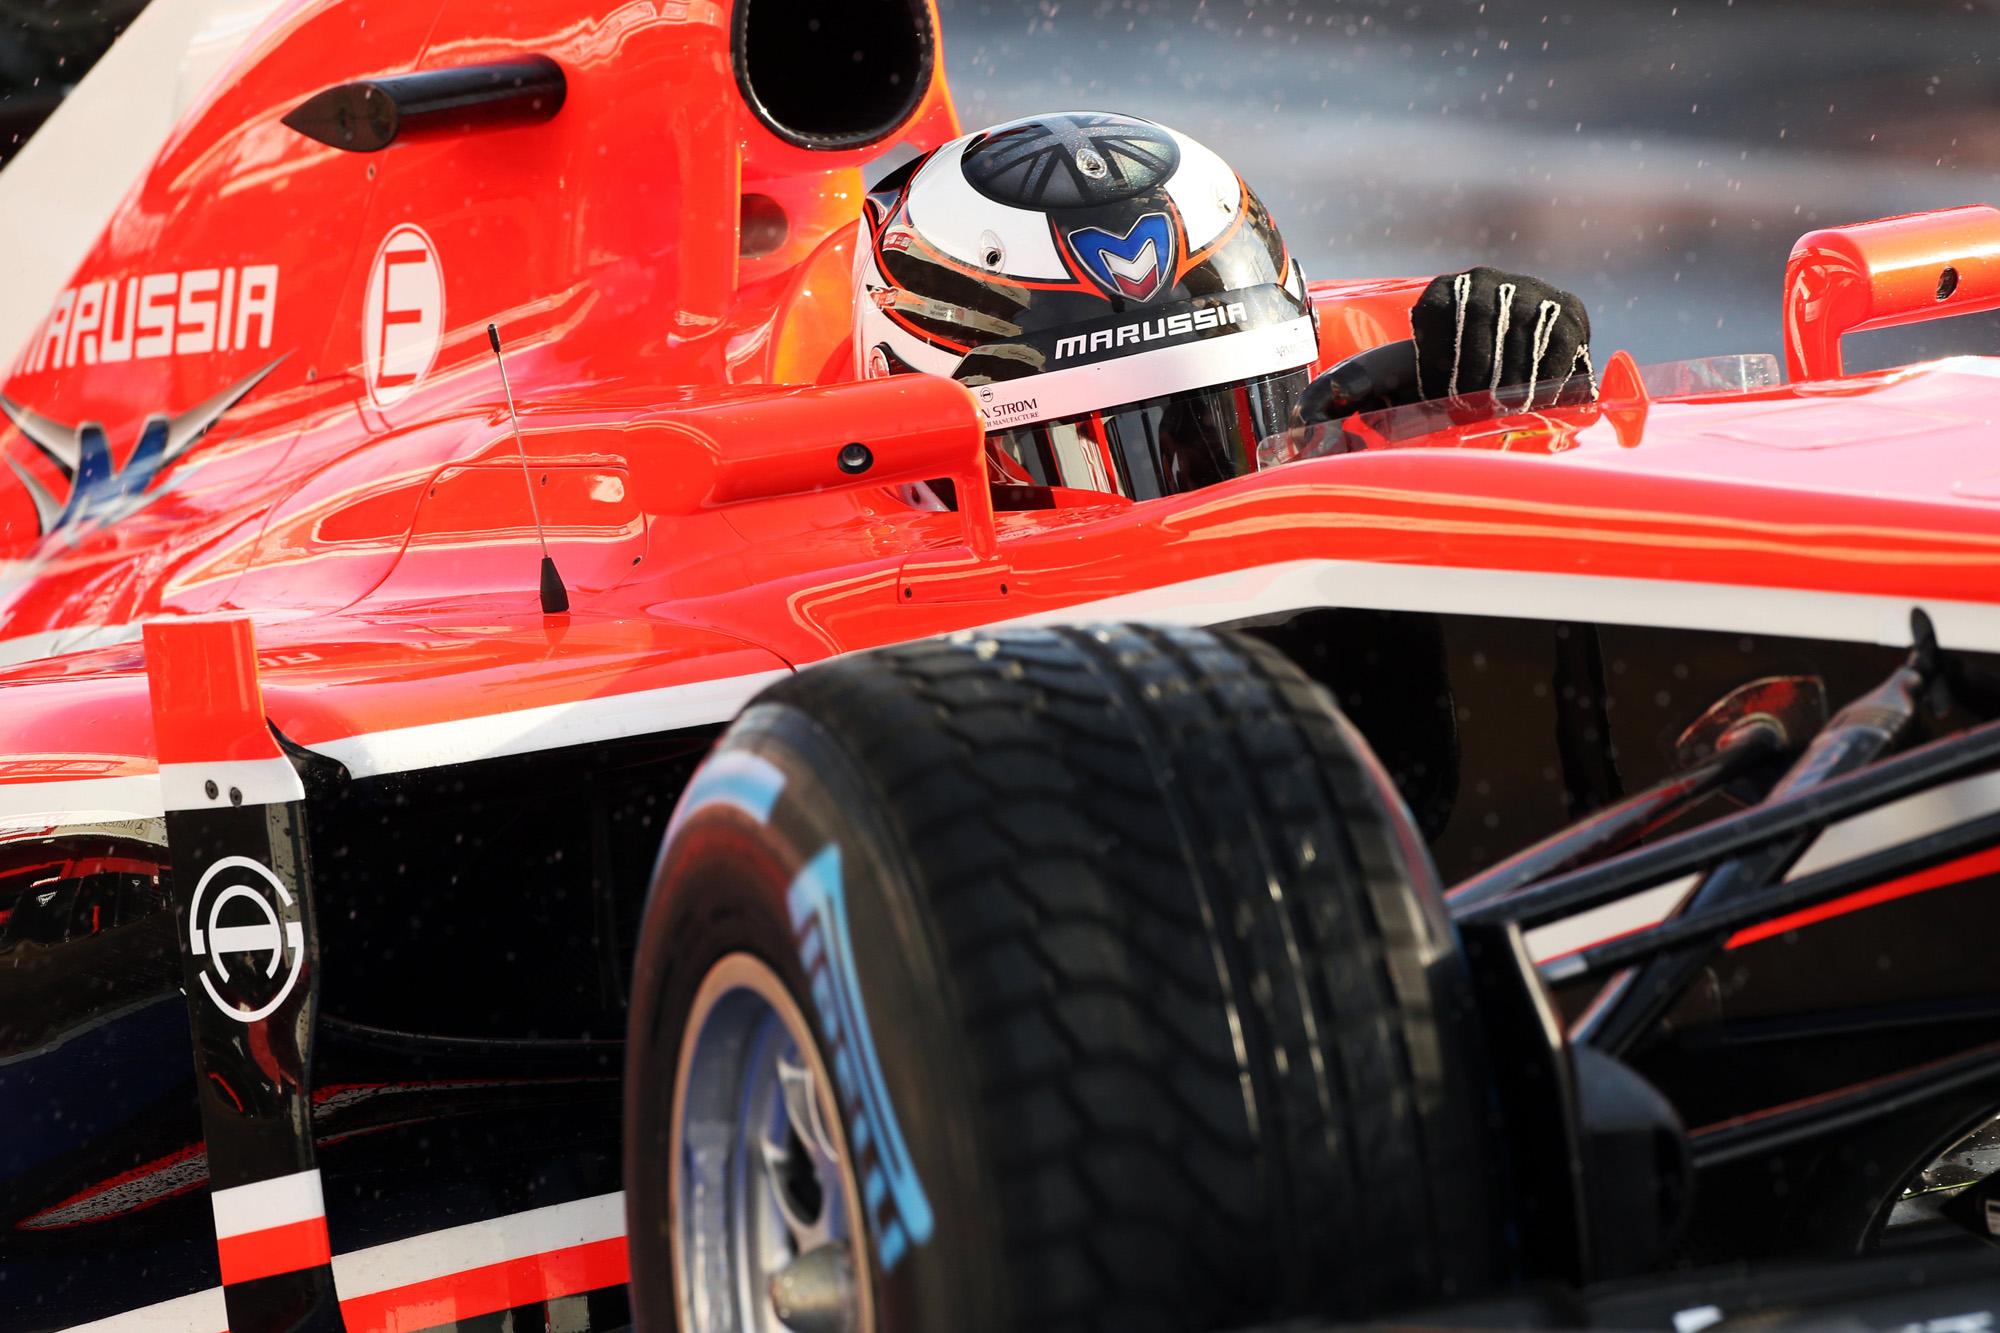 Maurussia F1 Team Car (Sponsored by Armin Strom)